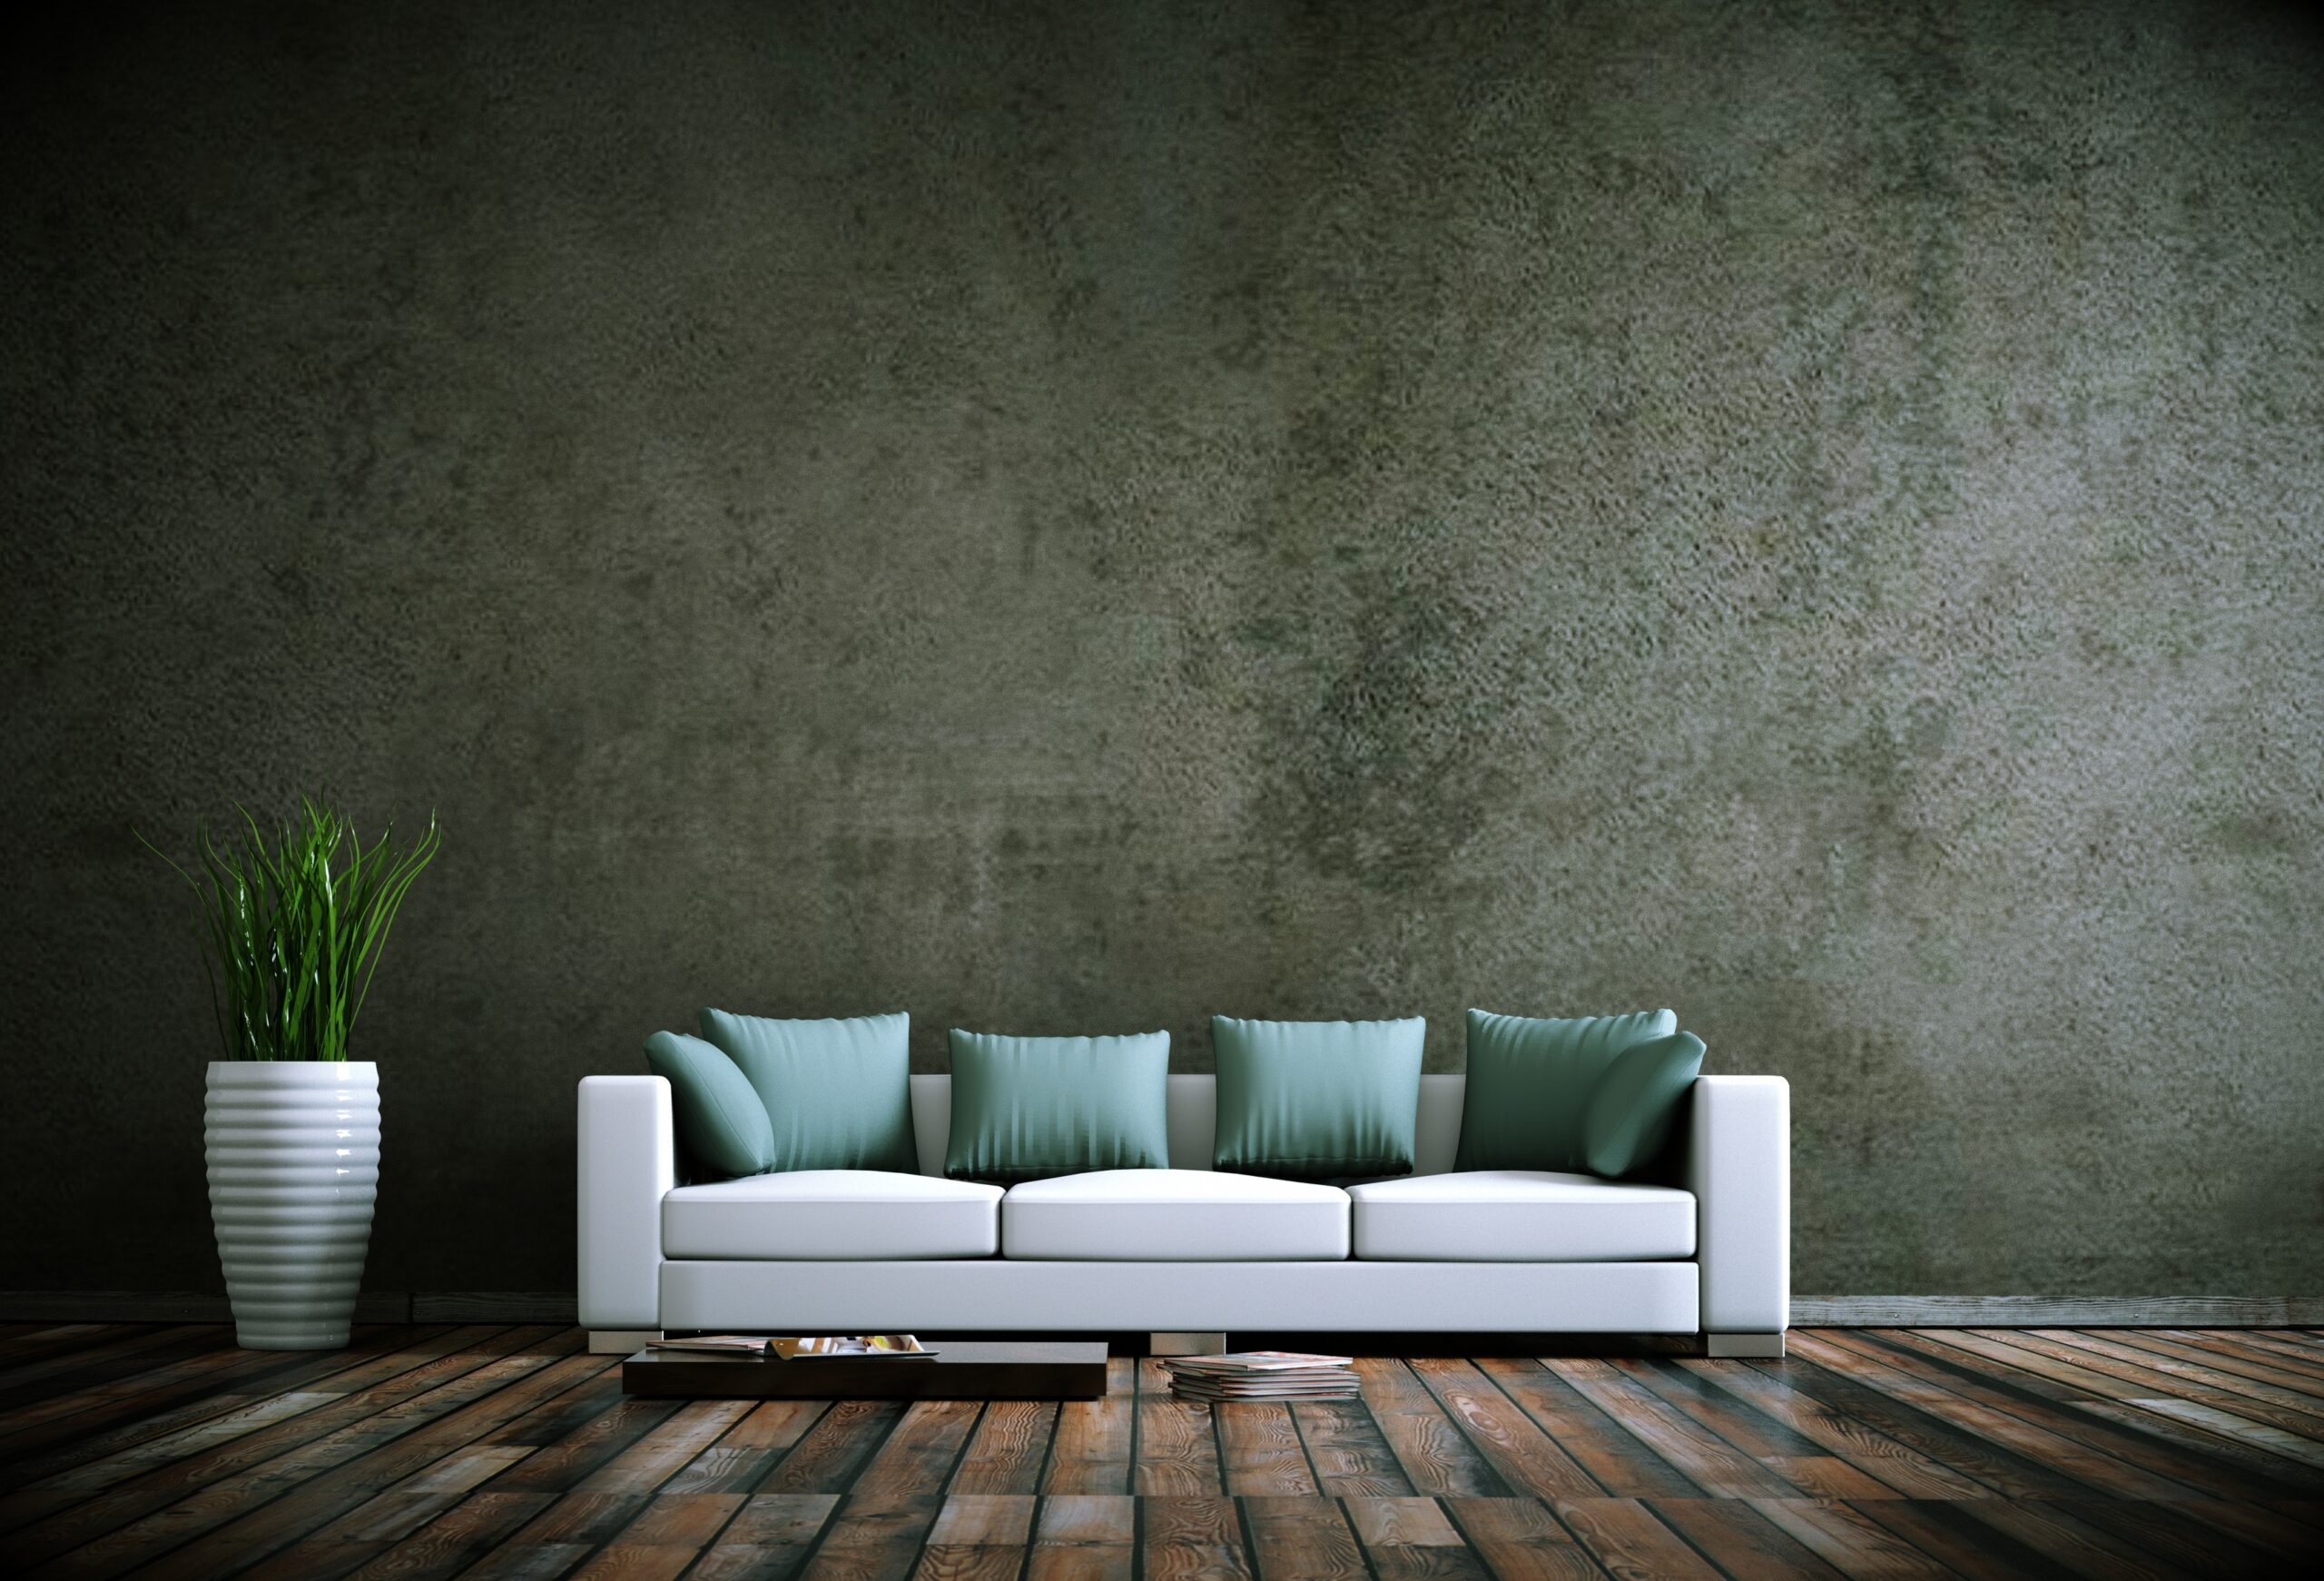 Full Size of Weißes Sofa Wohndesign Weisses Vor Grauer Wand Chesterfield Leder 3er Kare Günstig Marken Graues Esszimmer Online Kaufen Dreisitzer 2 Sitzer Schlaffunktion Sofa Weißes Sofa